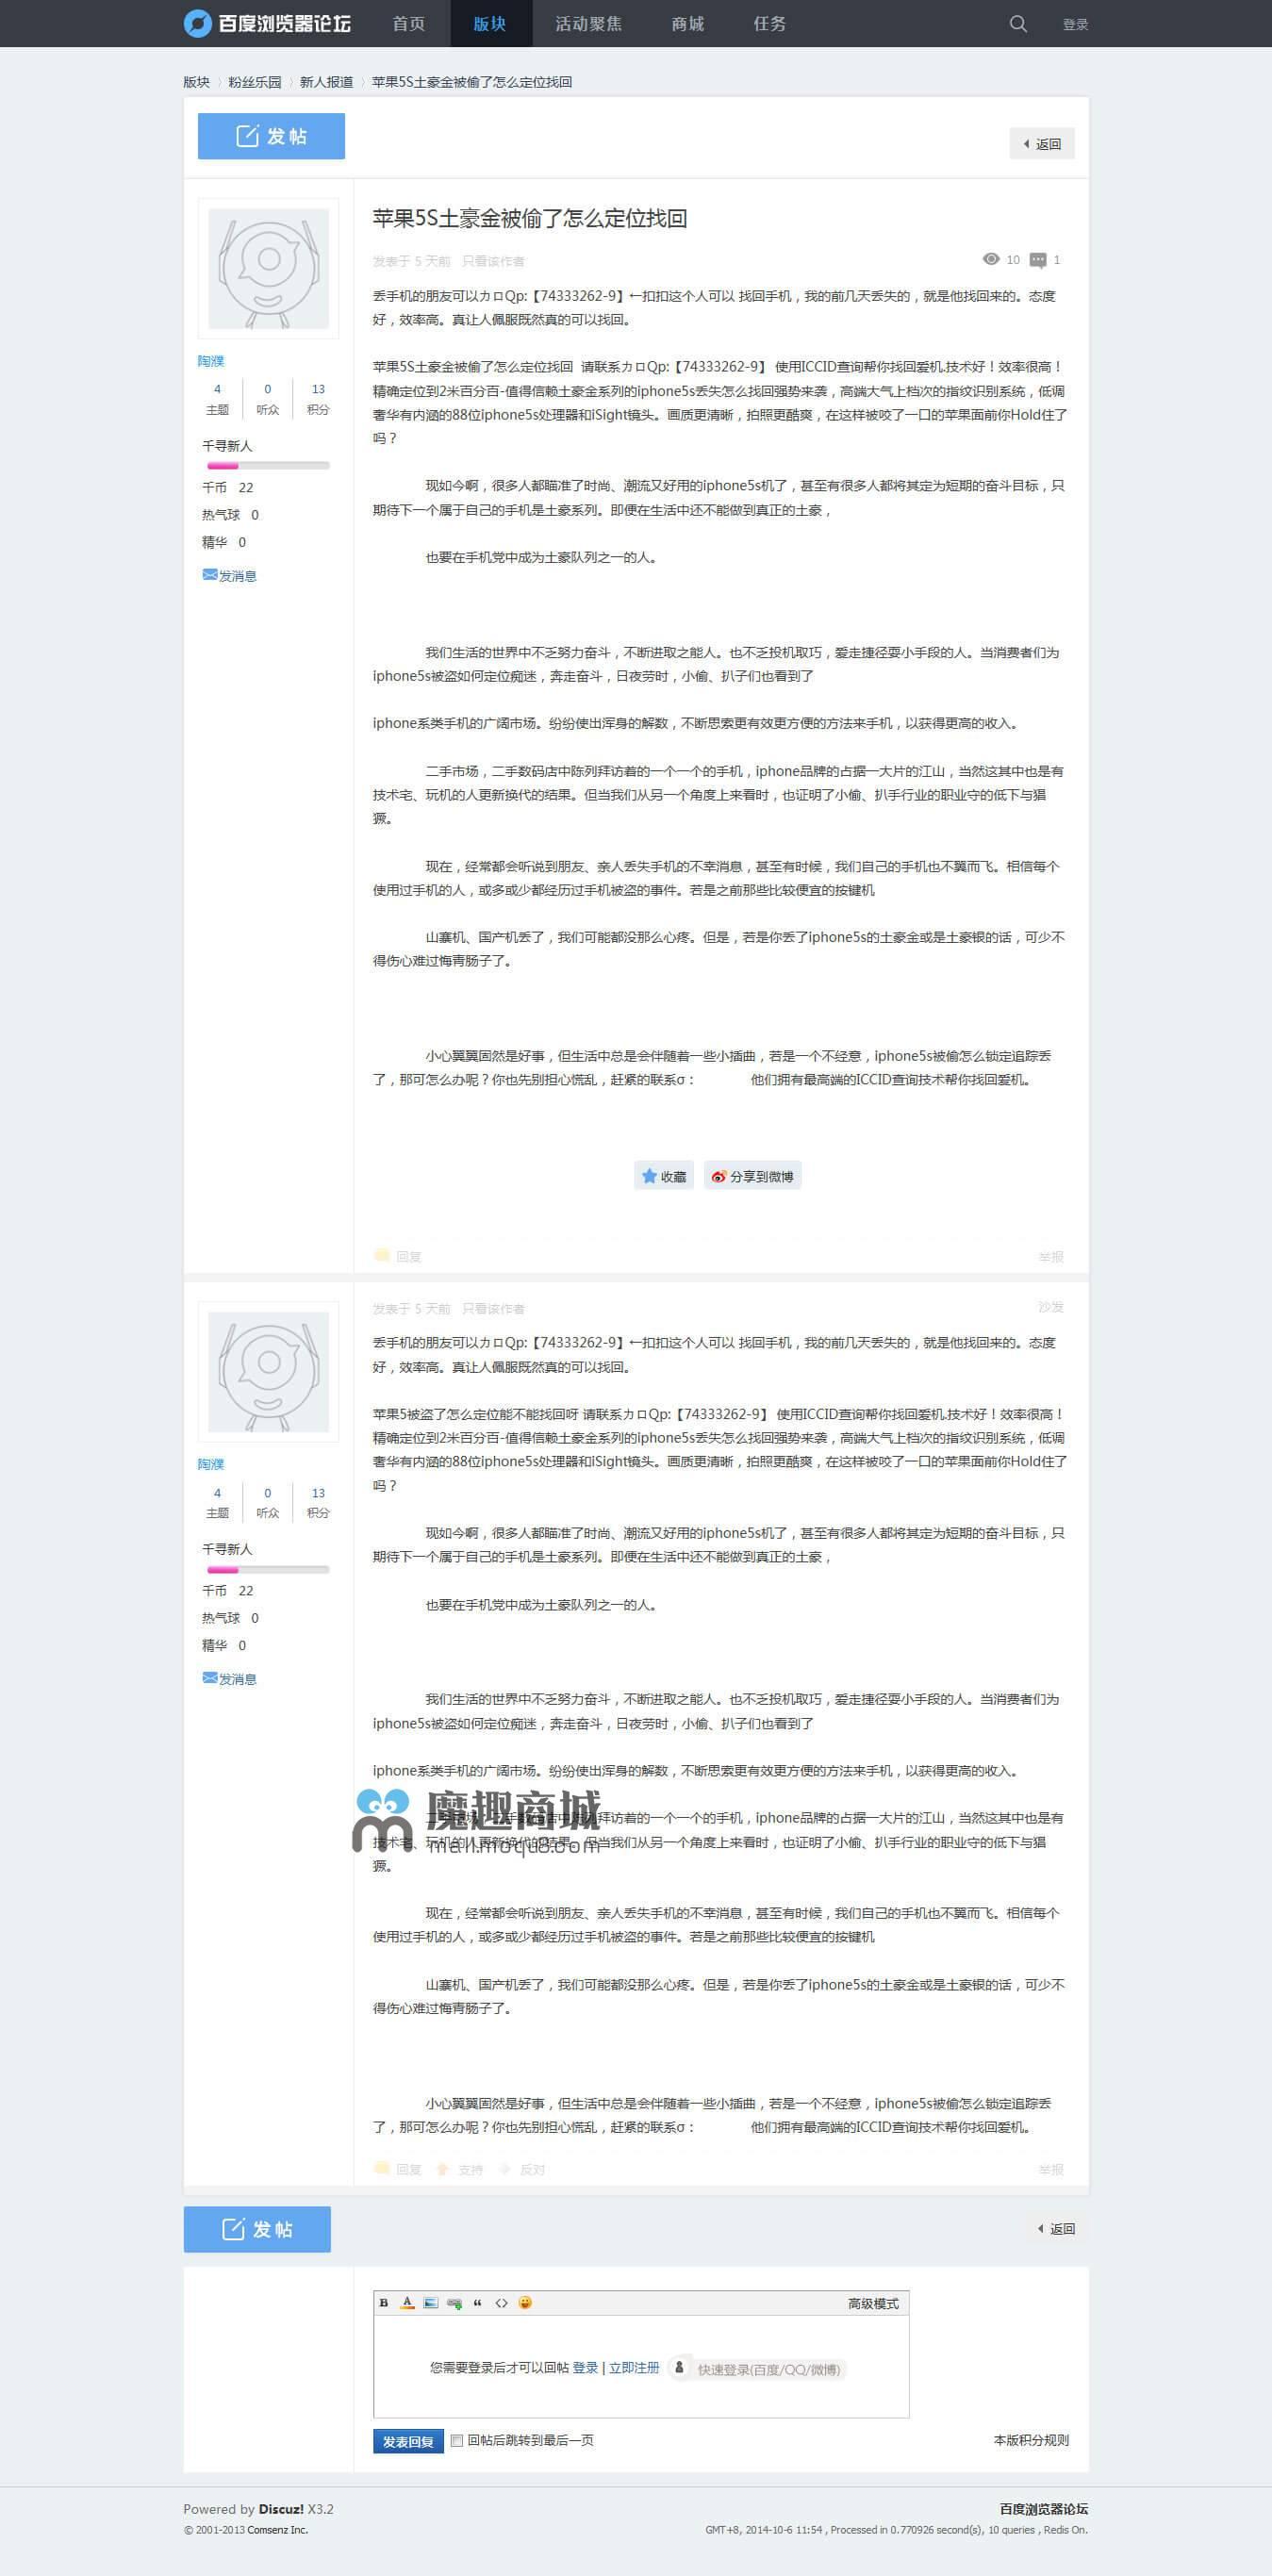 仿制百度浏览器论坛模板GBK+UTF8